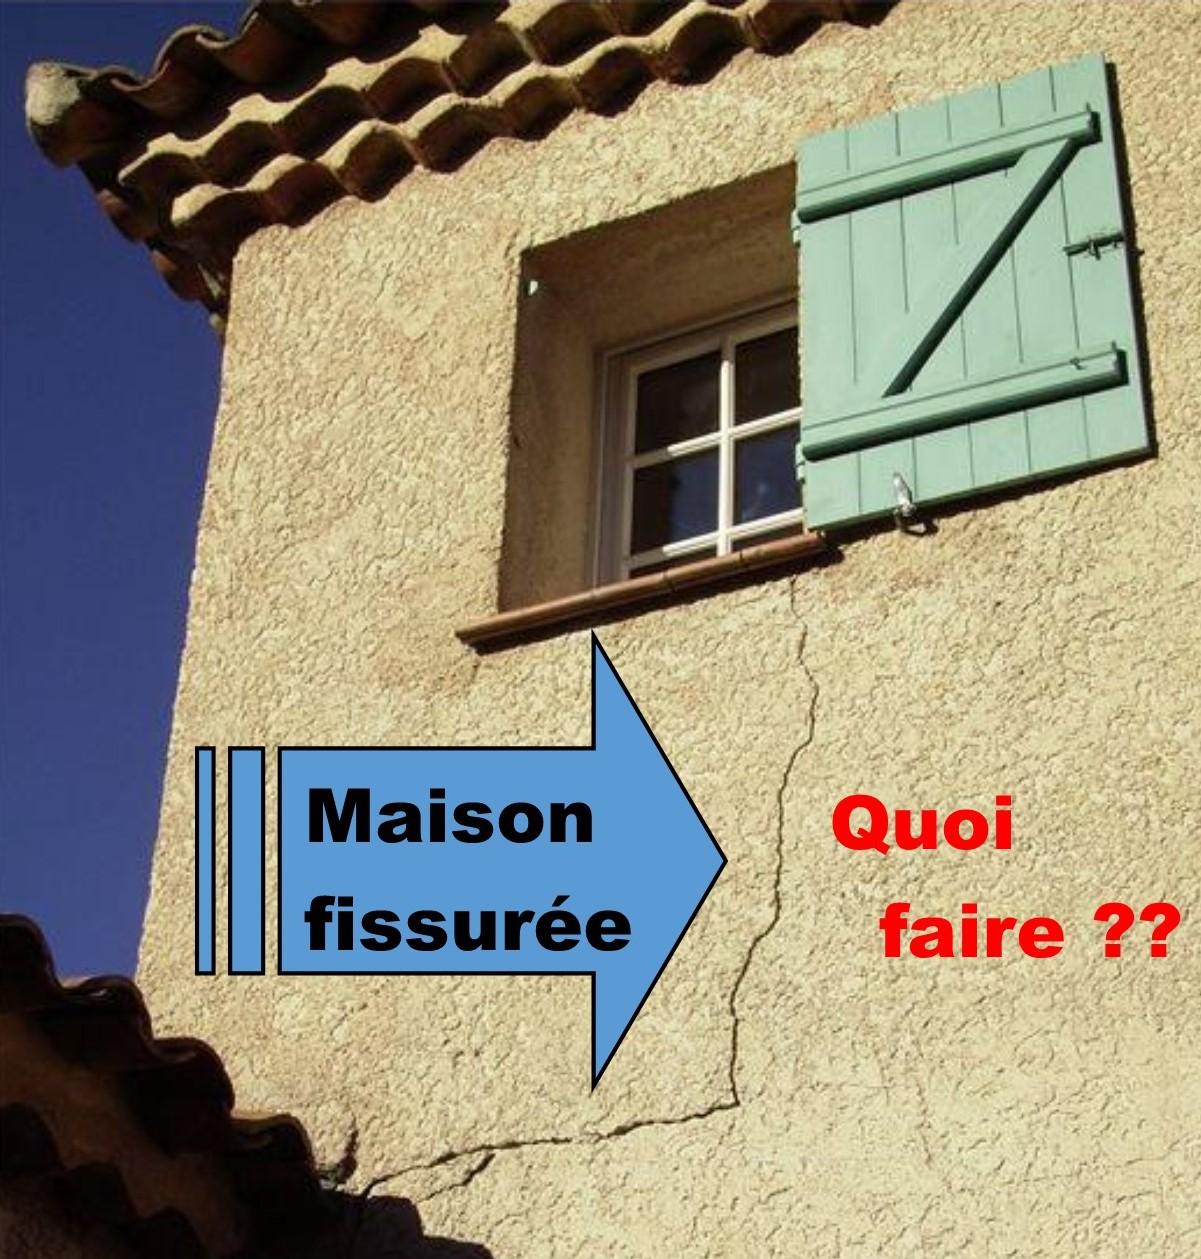 Maison fissurée _2_.jpg